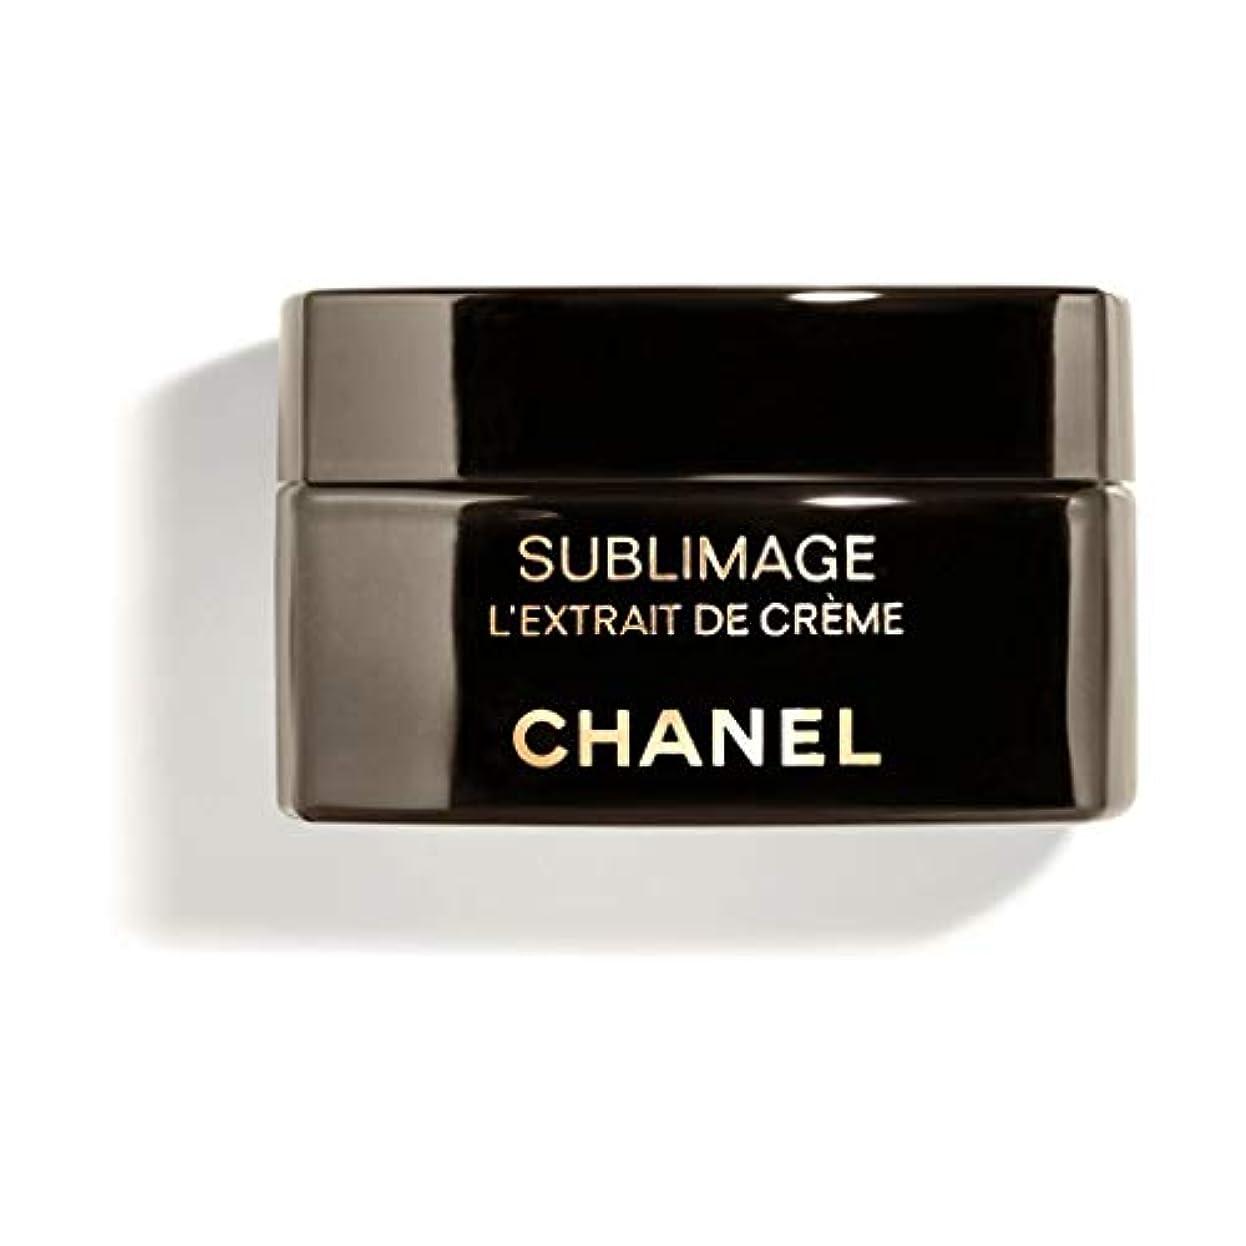 タフ破産残酷なCHANEL(シャネル) SUBLIMAGE L EXTRAIT DE CREME サブリマージュ レクストレ ドゥ クレーム 50g